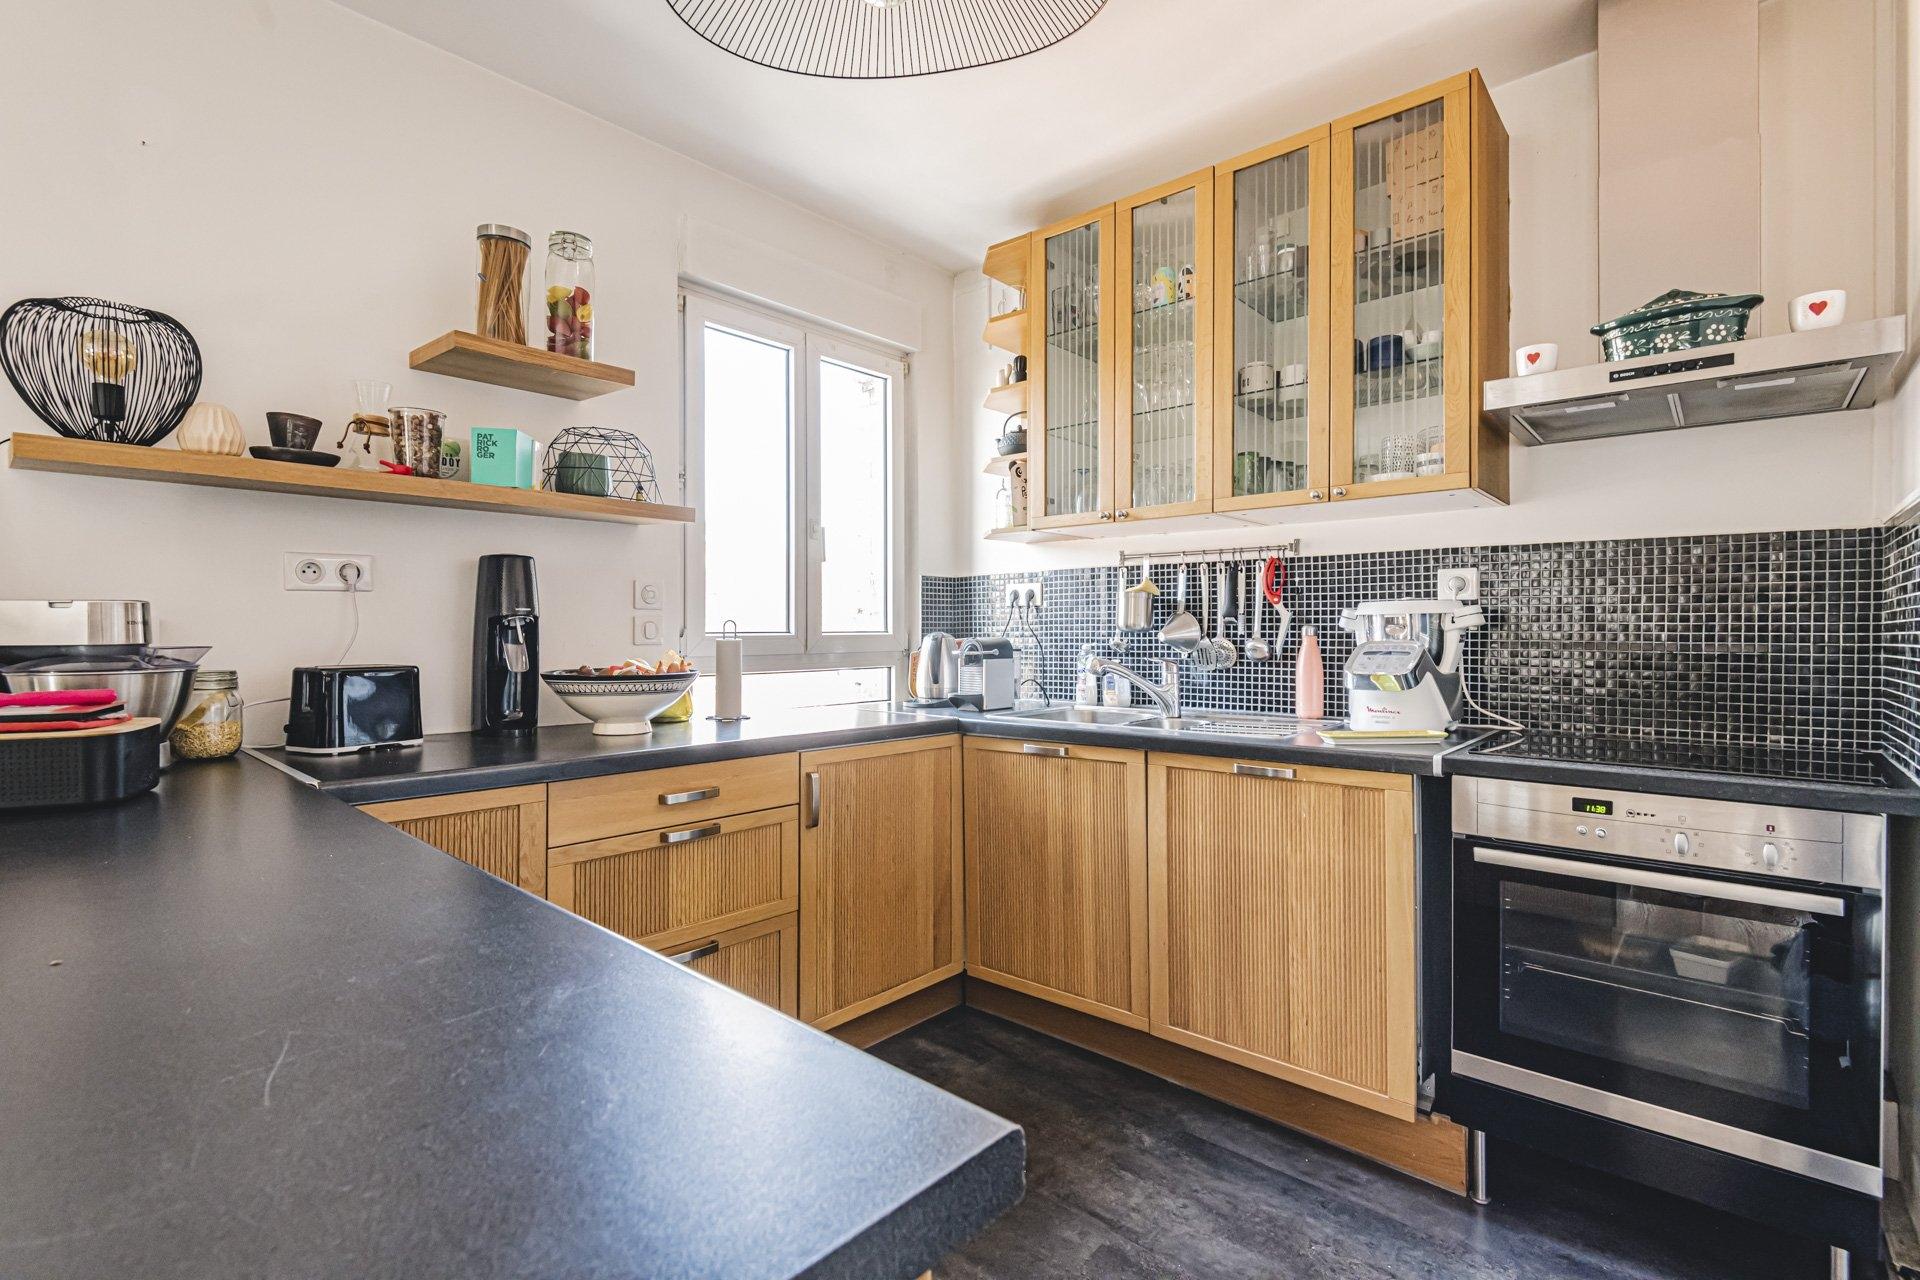 Appartement Reims 4 Pièces 104 m2 - 3